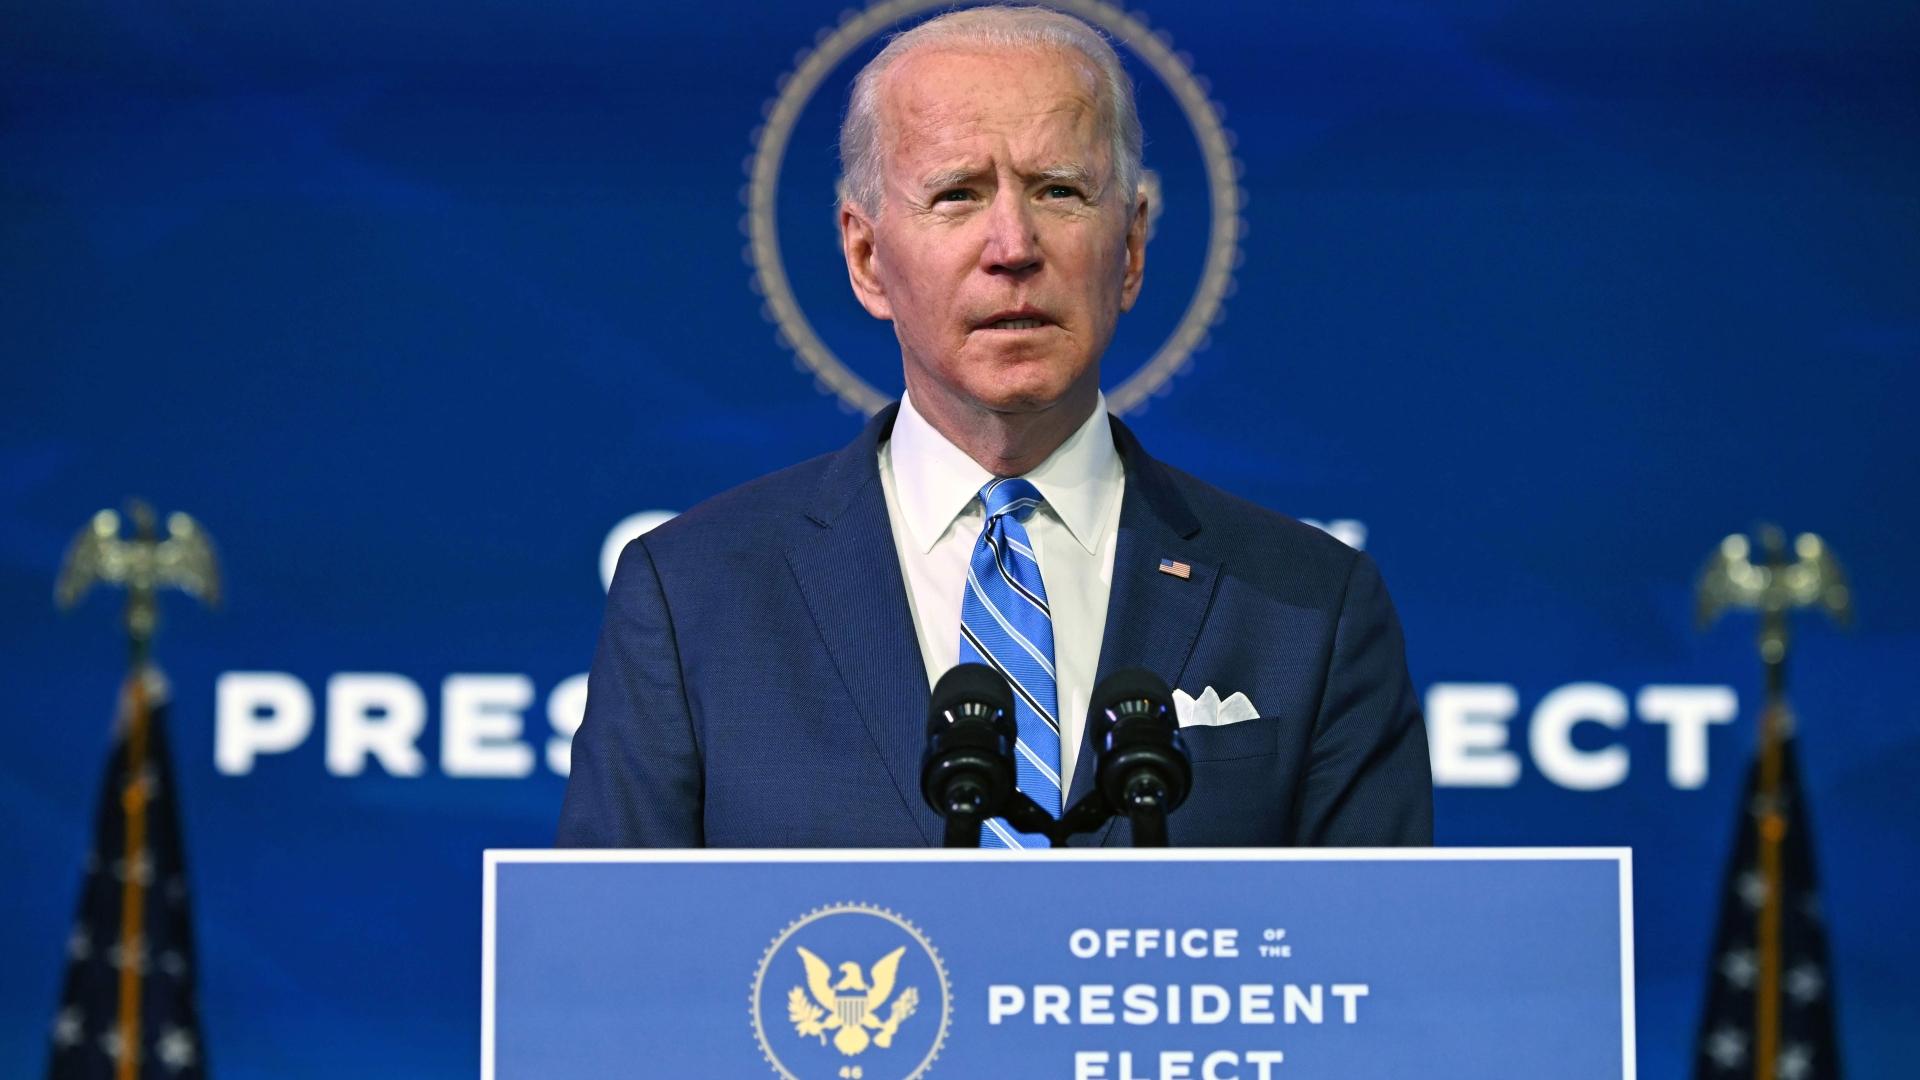 参议院民主党提议将定期现金援助纳入拜登的疫情复苏计划